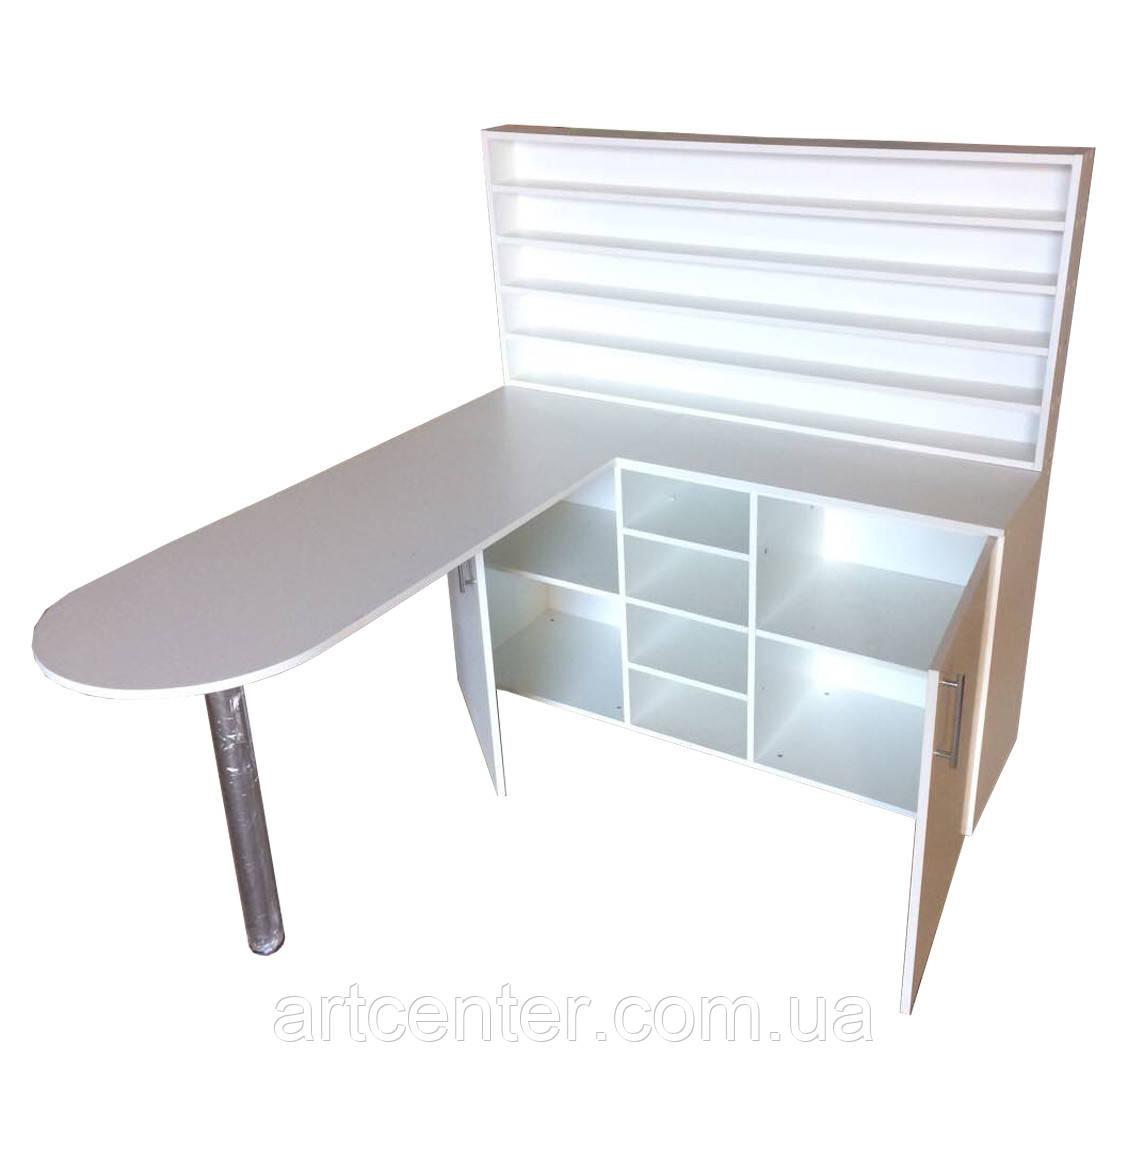 Стіл для манікюру професійний зі стелажем, закритими і відкритими поличками,